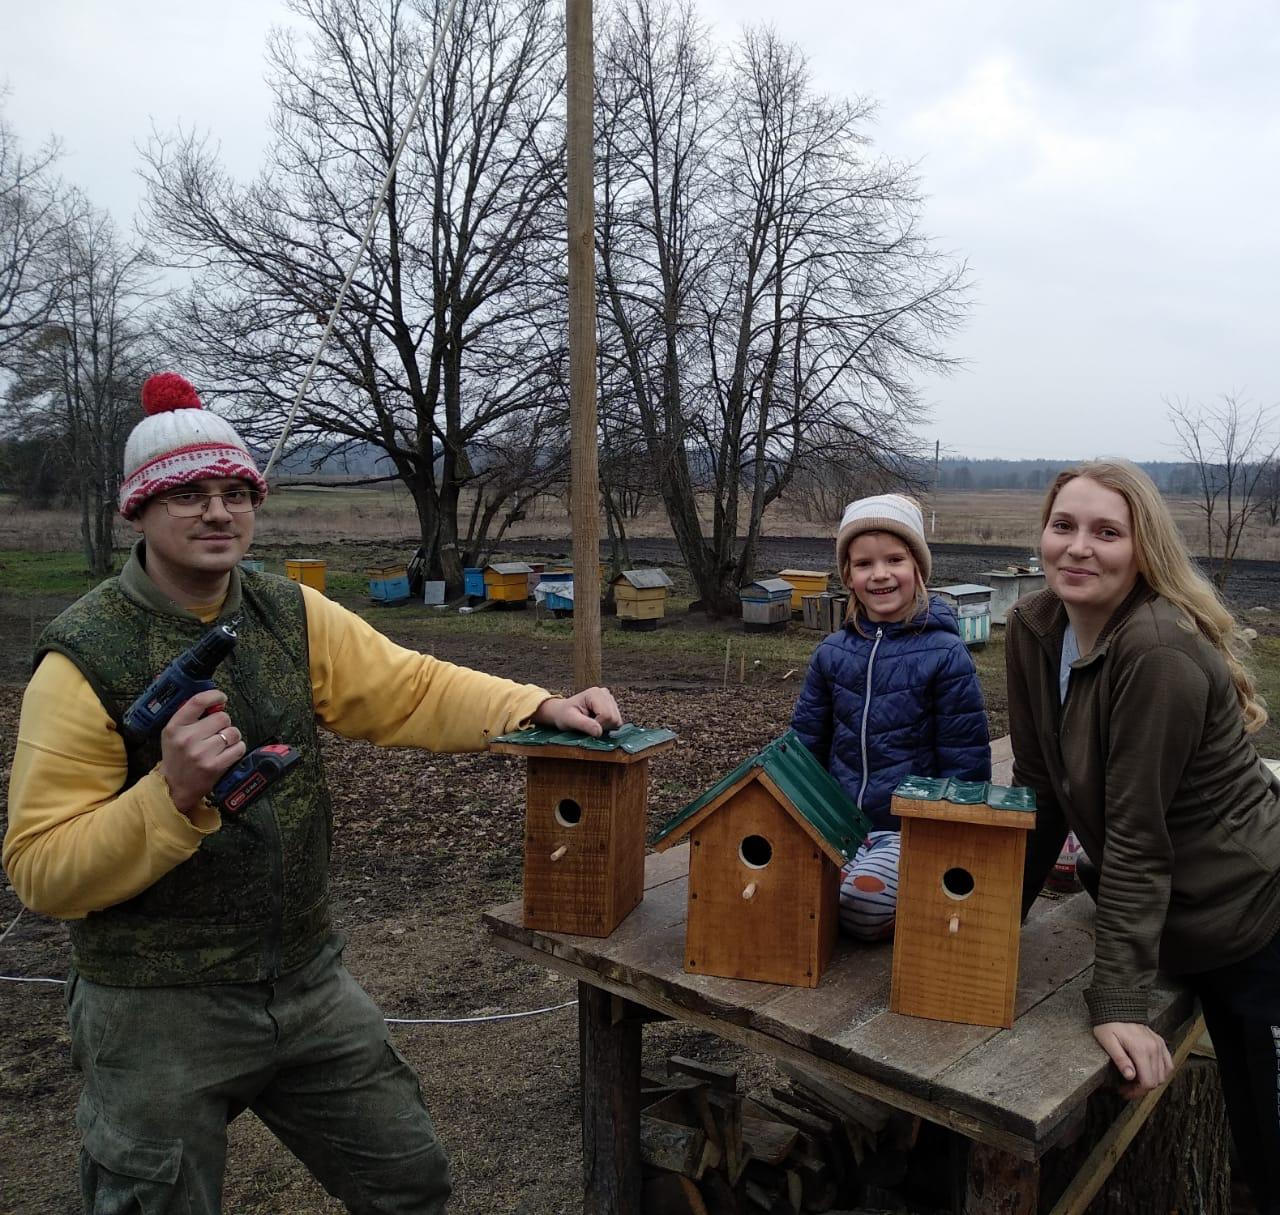 Семья любит пройтись в поле с собаками, заварить чай на костре, ловить рыбу